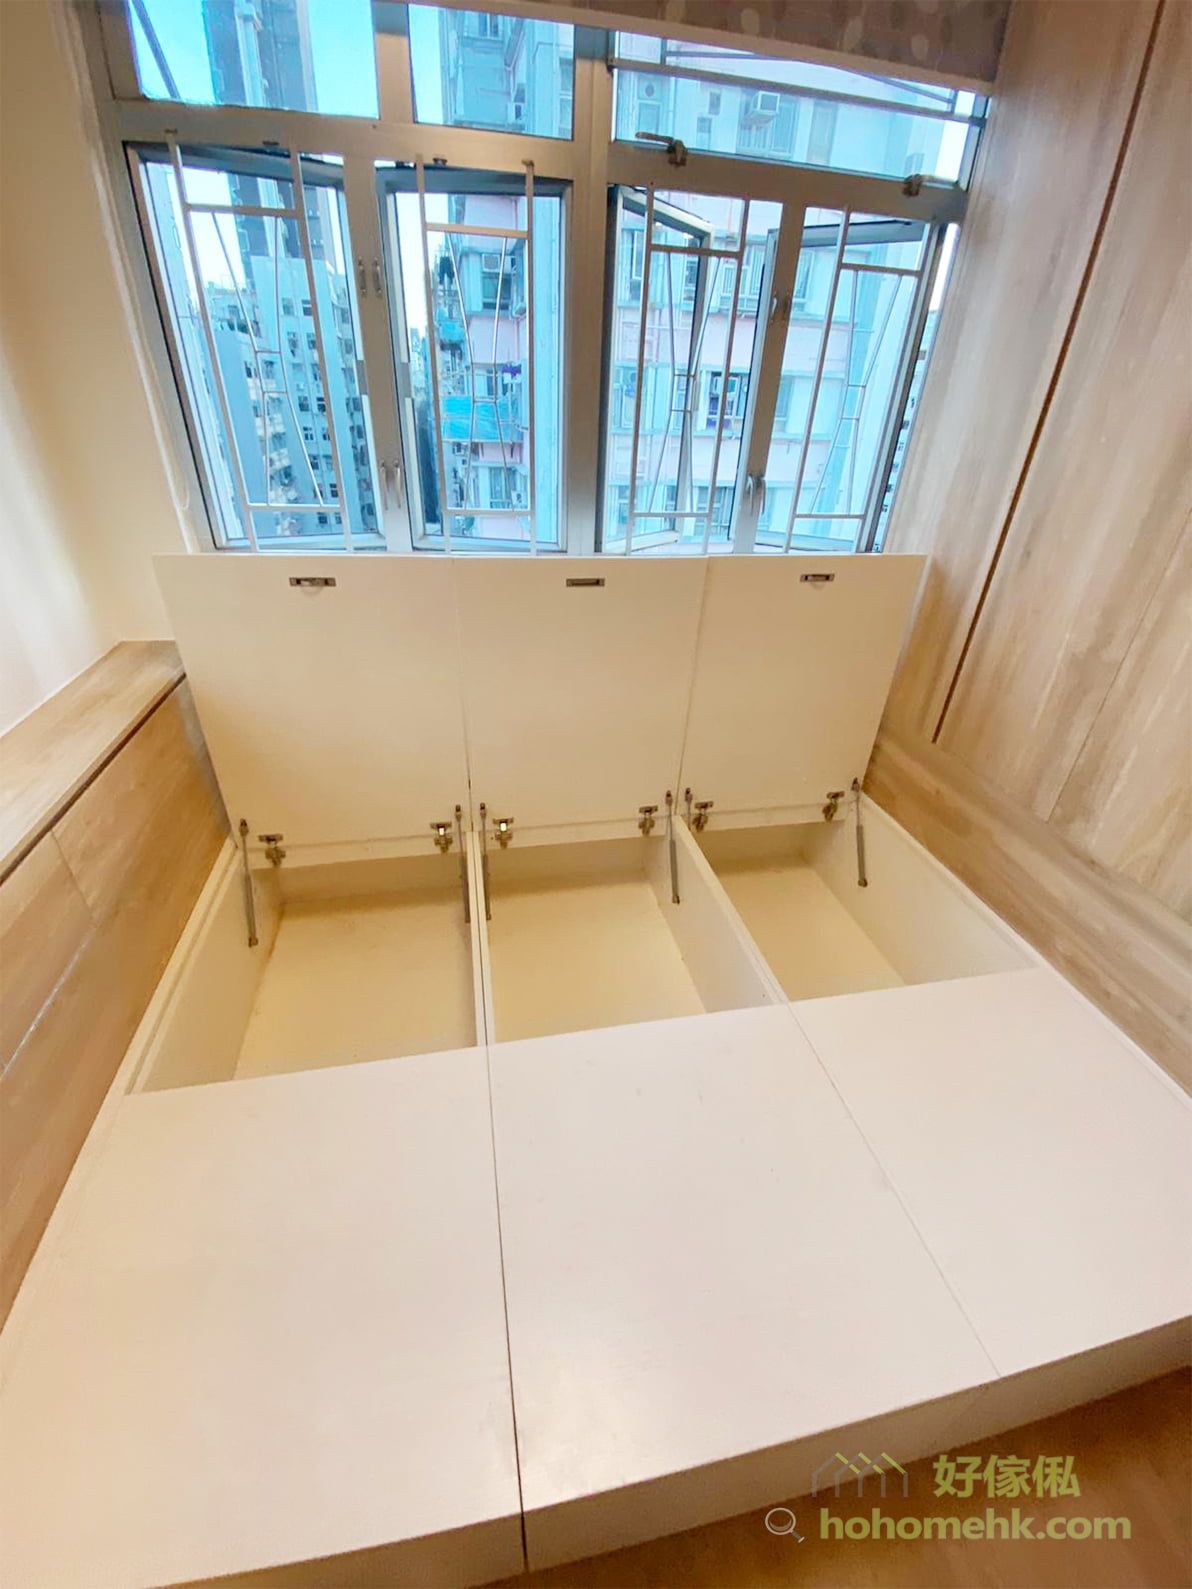 借助床底的位置來收納,同樣不會讓人感到多了一個儲物櫃的感覺,絕對是睡房中的最佳隱藏式收納